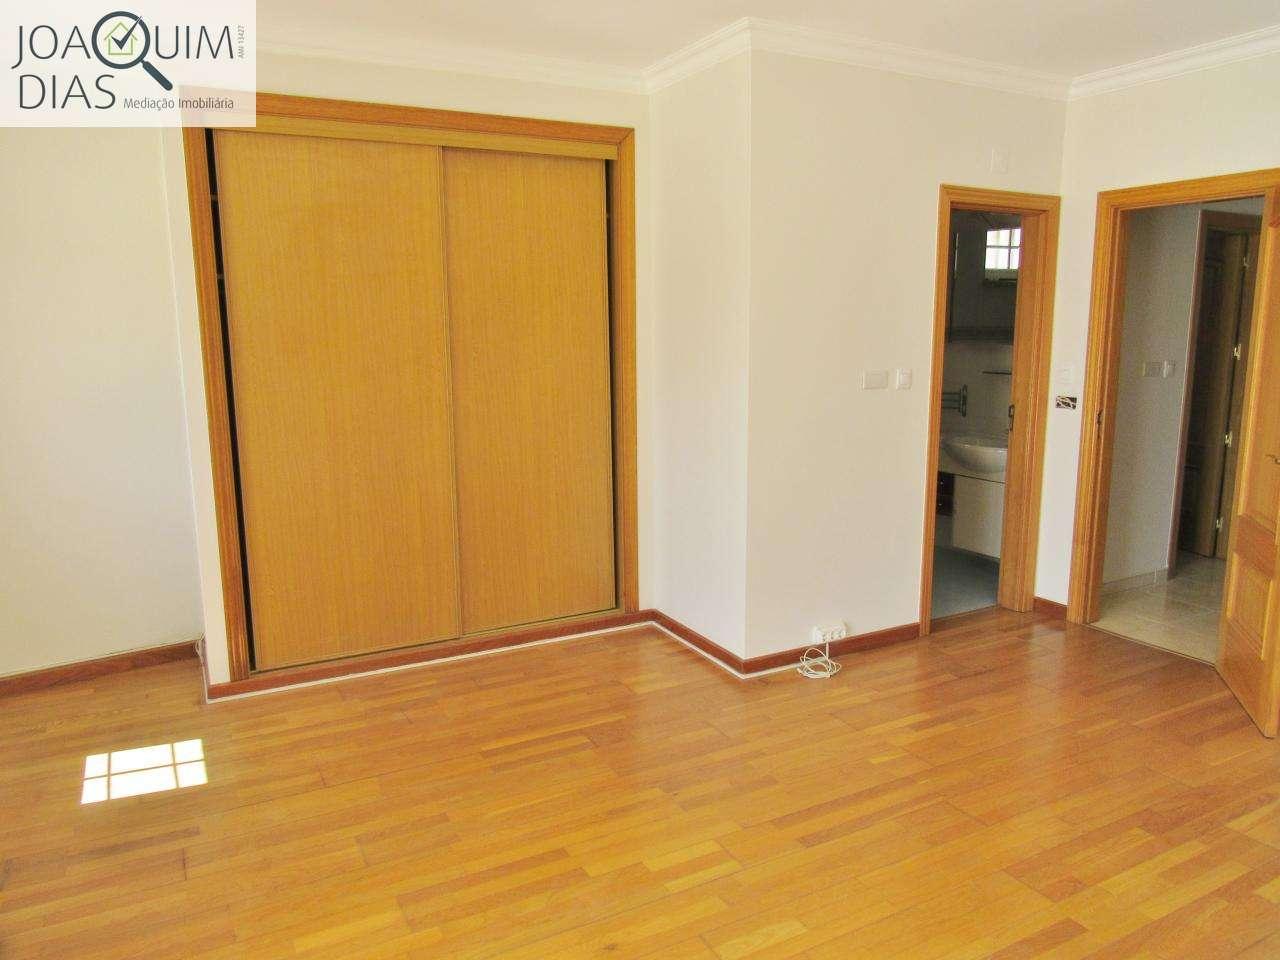 Apartamento para comprar, Malveira e São Miguel de Alcainça, Lisboa - Foto 27